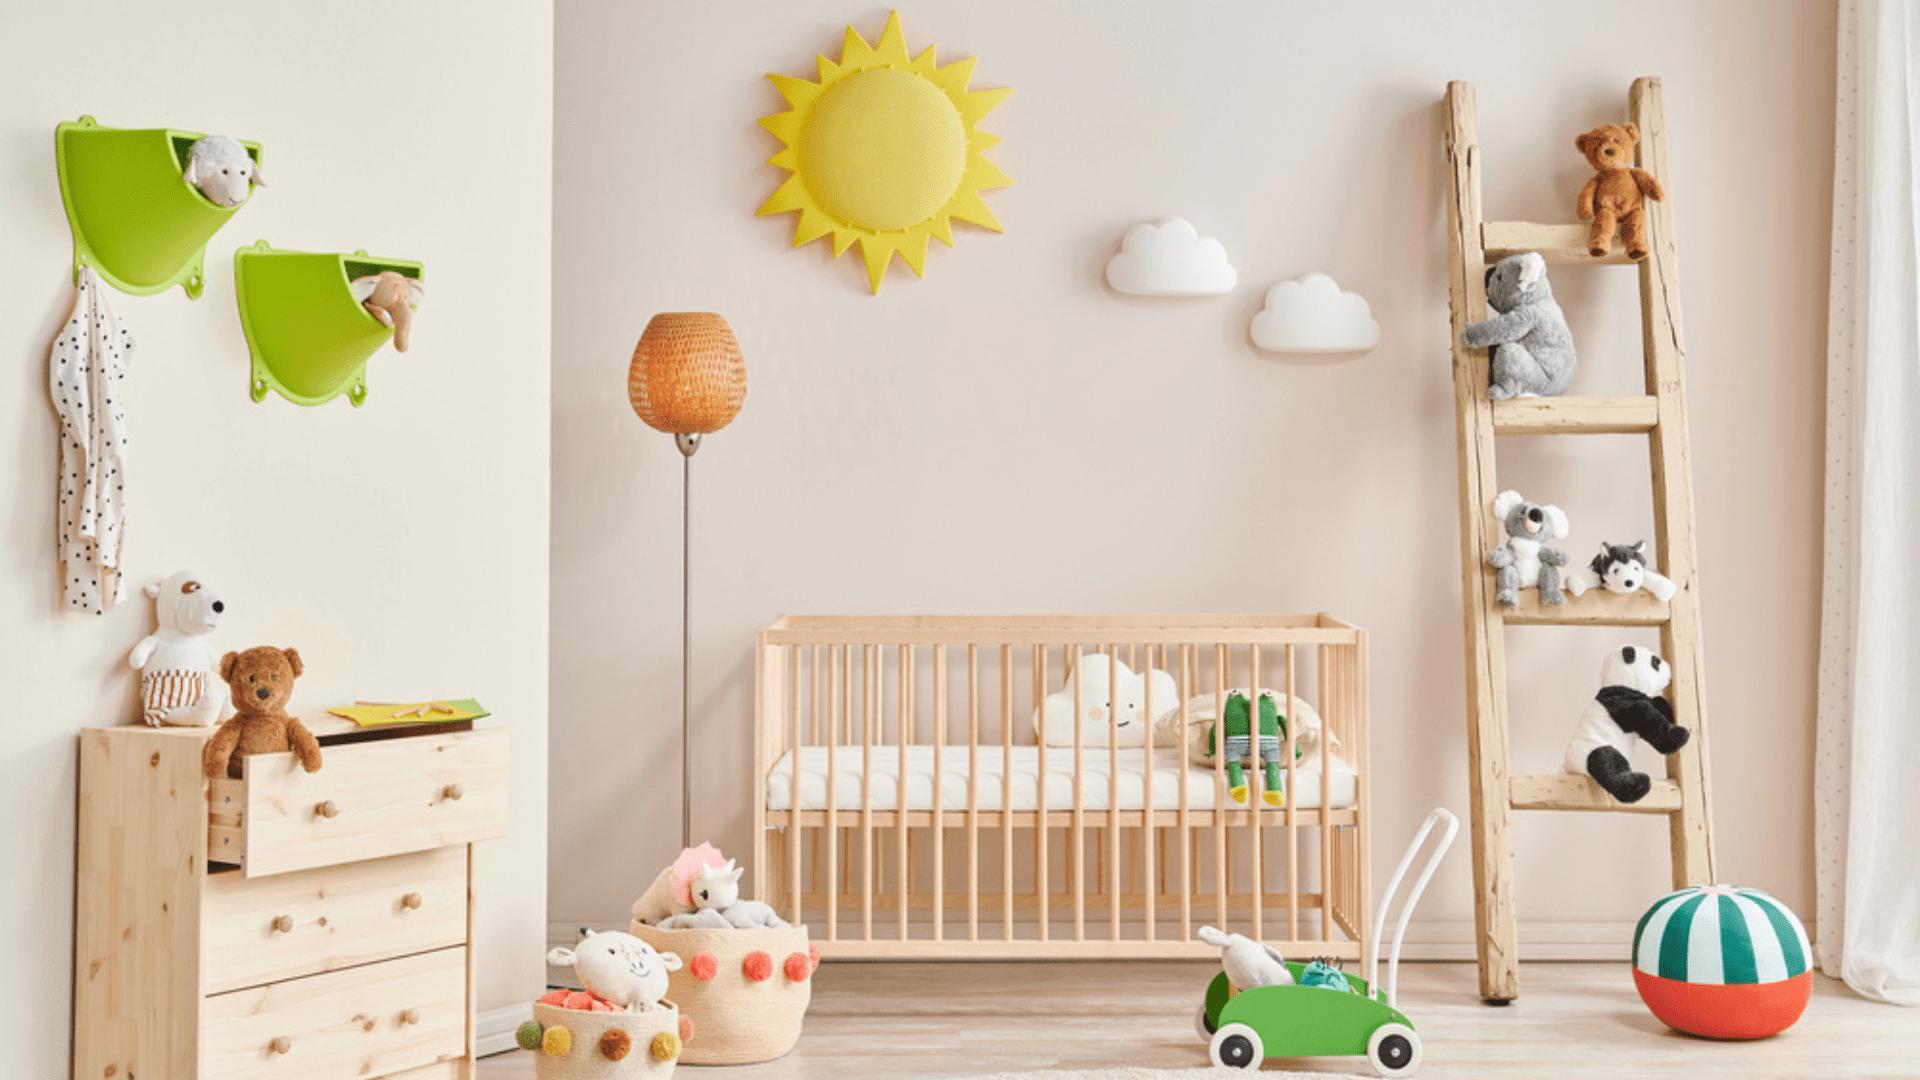 Confira tudo o que você precisa para montar um quarto de bebê! (Imagem: Reprodução/Shutterstock)